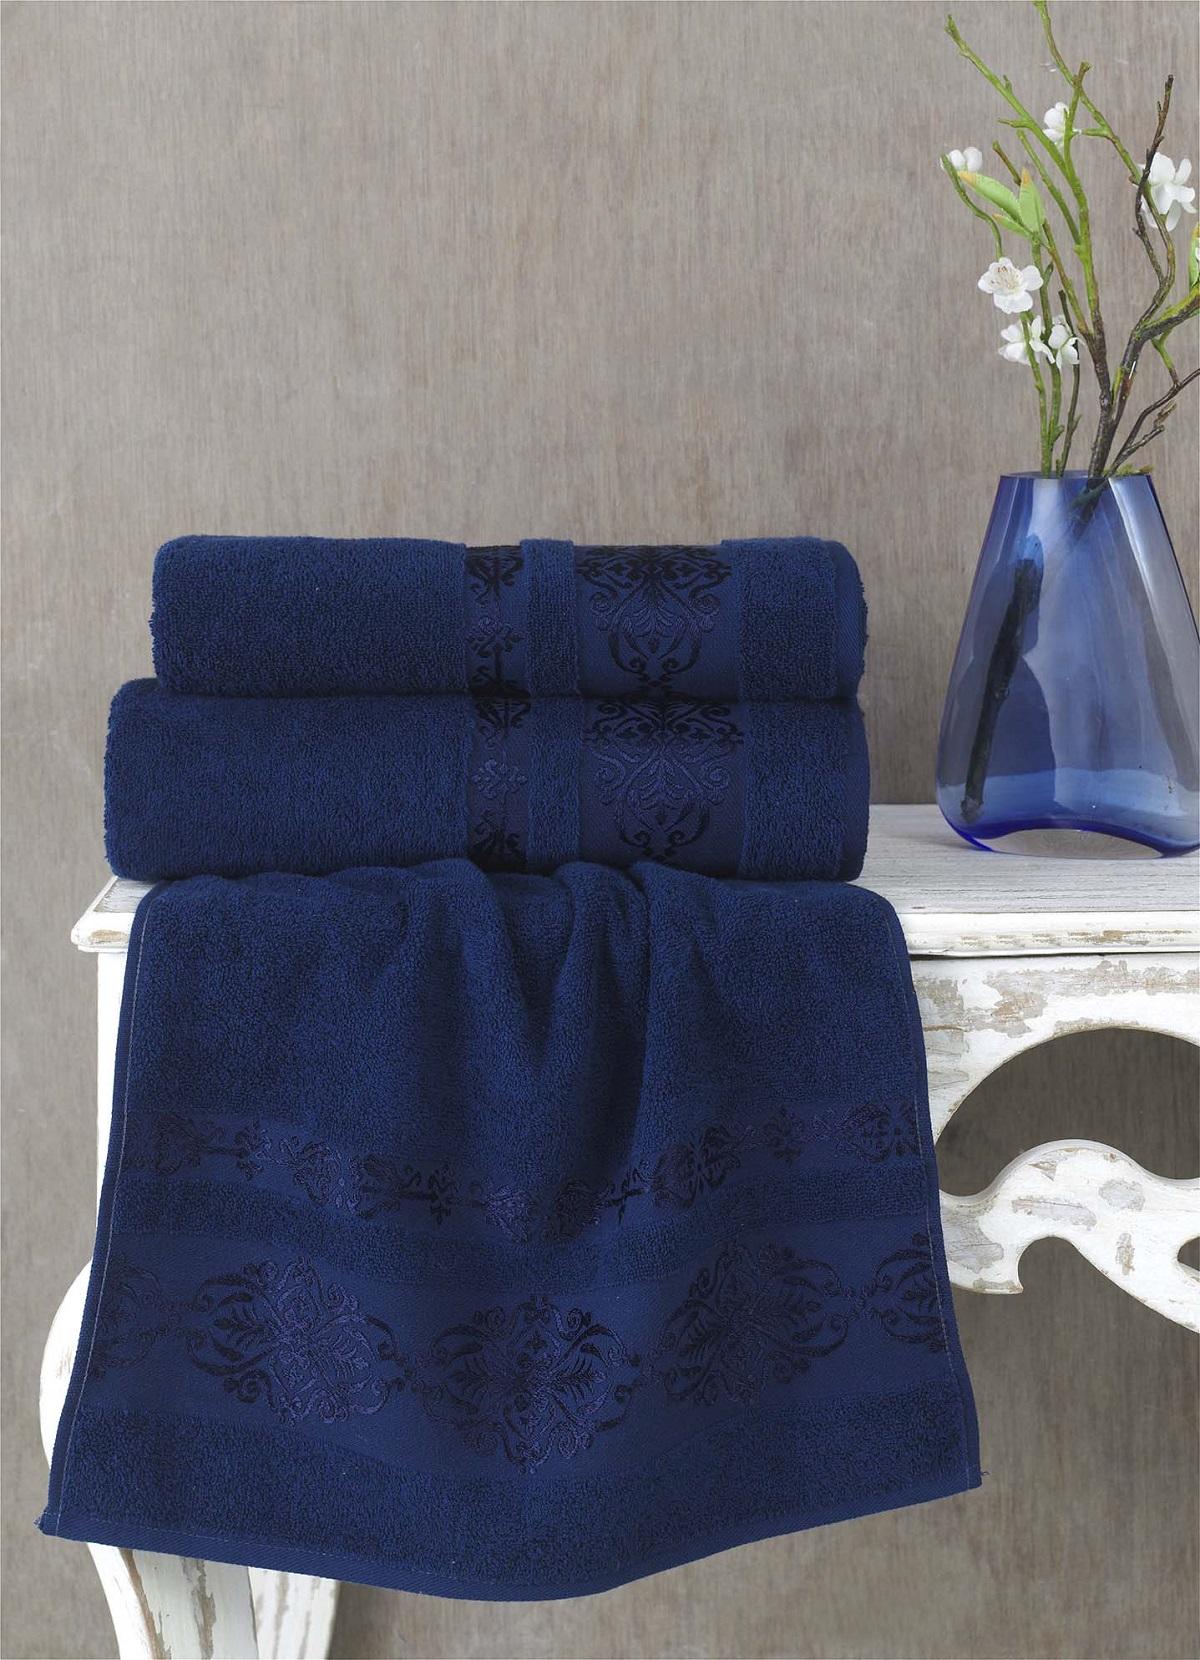 Полотенца Karna Полотенце Rebeka Цвет: Синий (70х140 см) karna karna полотенце innes цвет красный 70х140 см